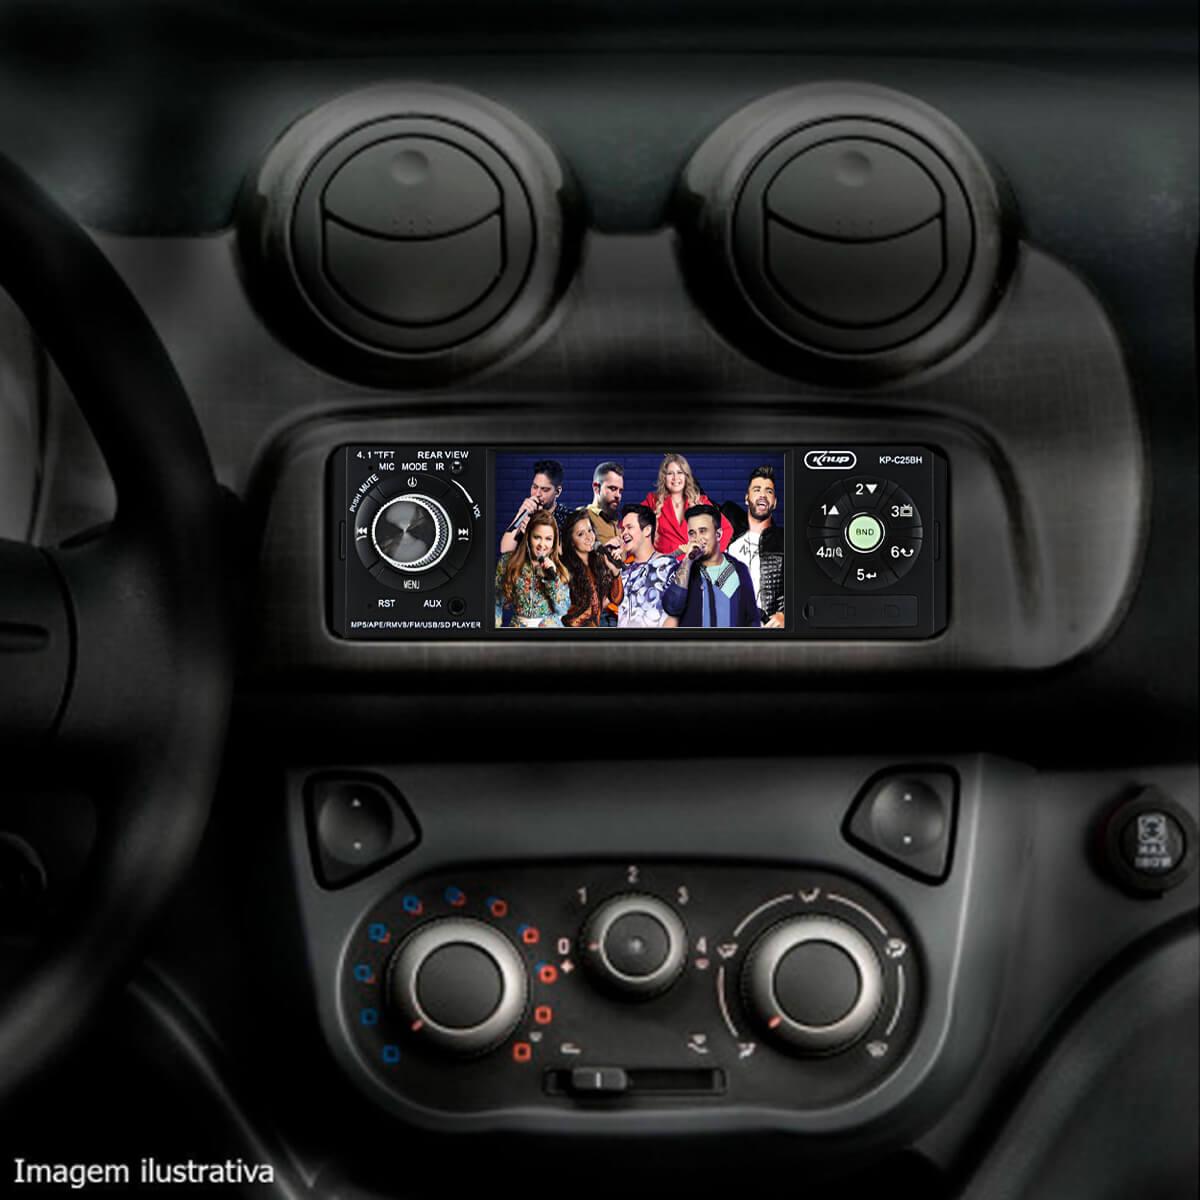 Som Automotivo Knup Mp5 com Bluetooth Tela de 4,1 Polegadas Atendimento Celular Usb Sd Fm Auxiliar Poliparts